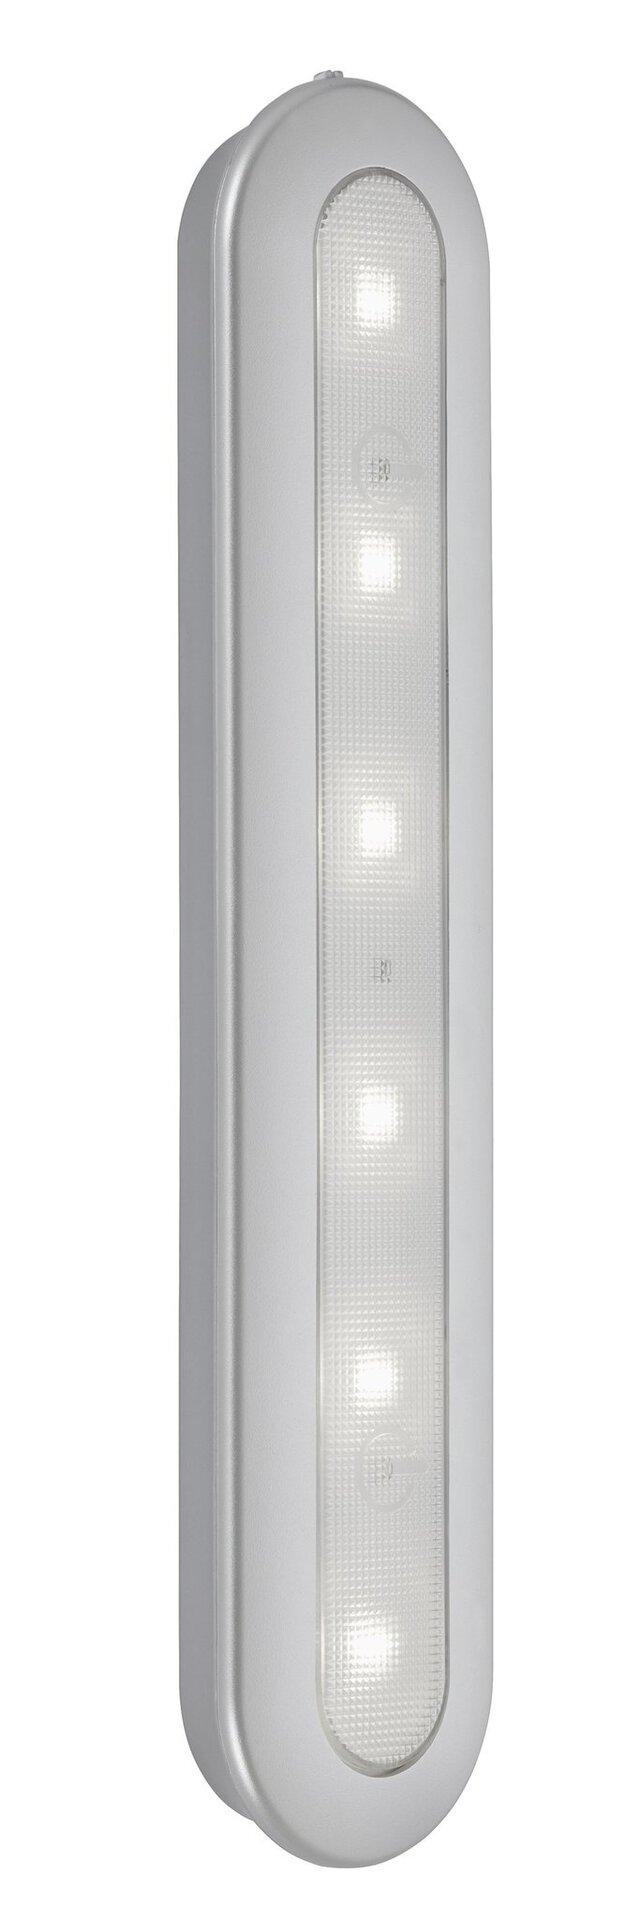 Unterbauleuchte Lero Briloner Metall silber 6 x 3 x 31 cm